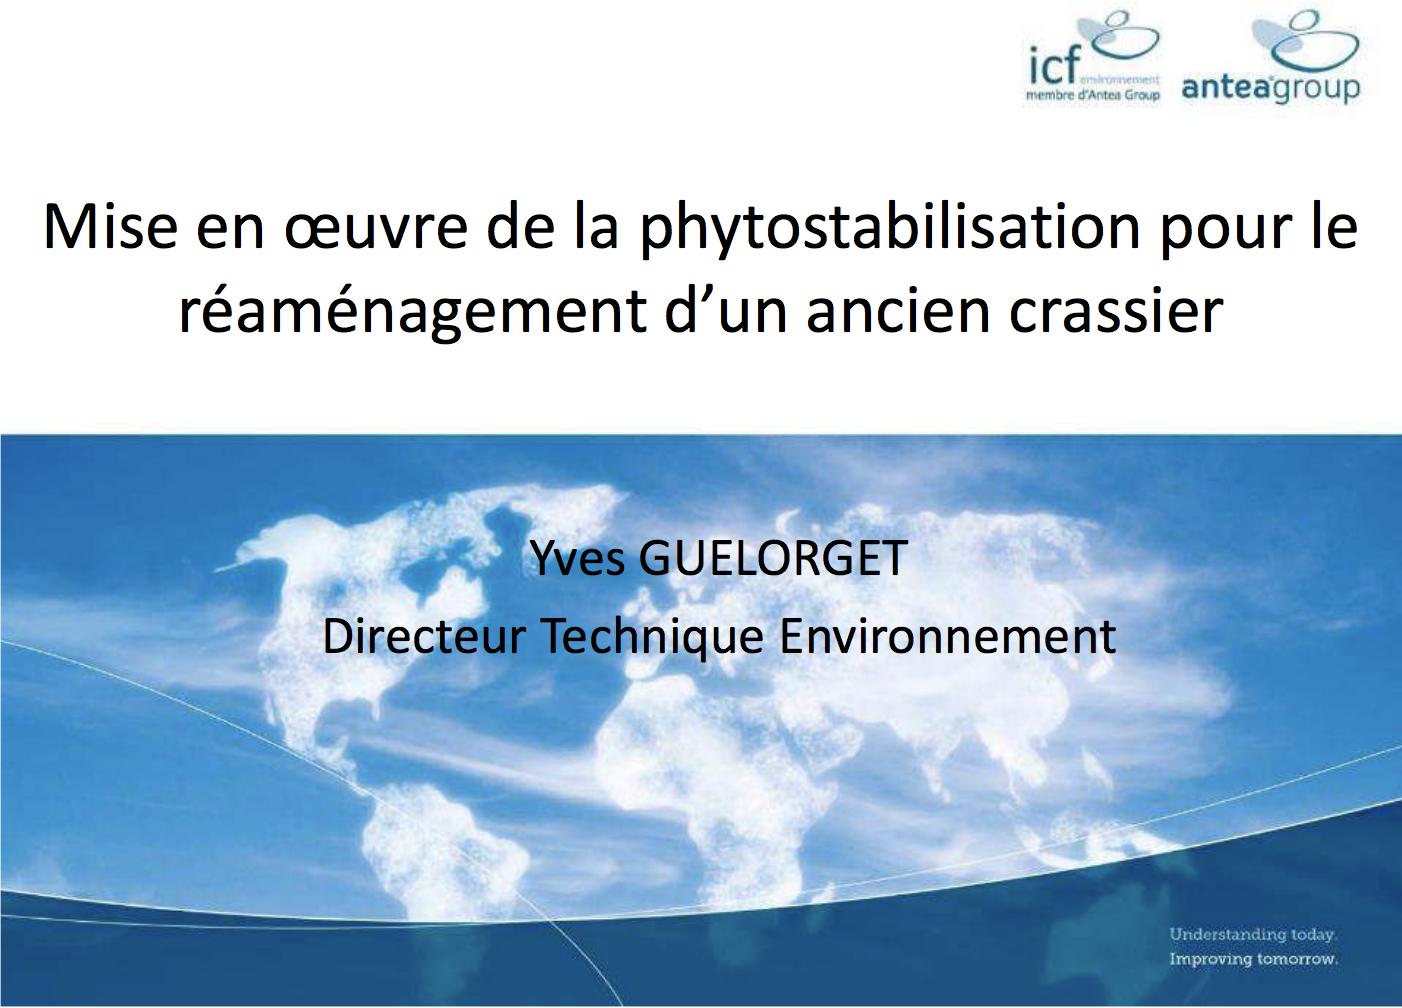 Mise en œuvre de la phytostabilisation pour le réaménagement d'un ancien crassier - ICF ENVIRONNEMENT - 2016